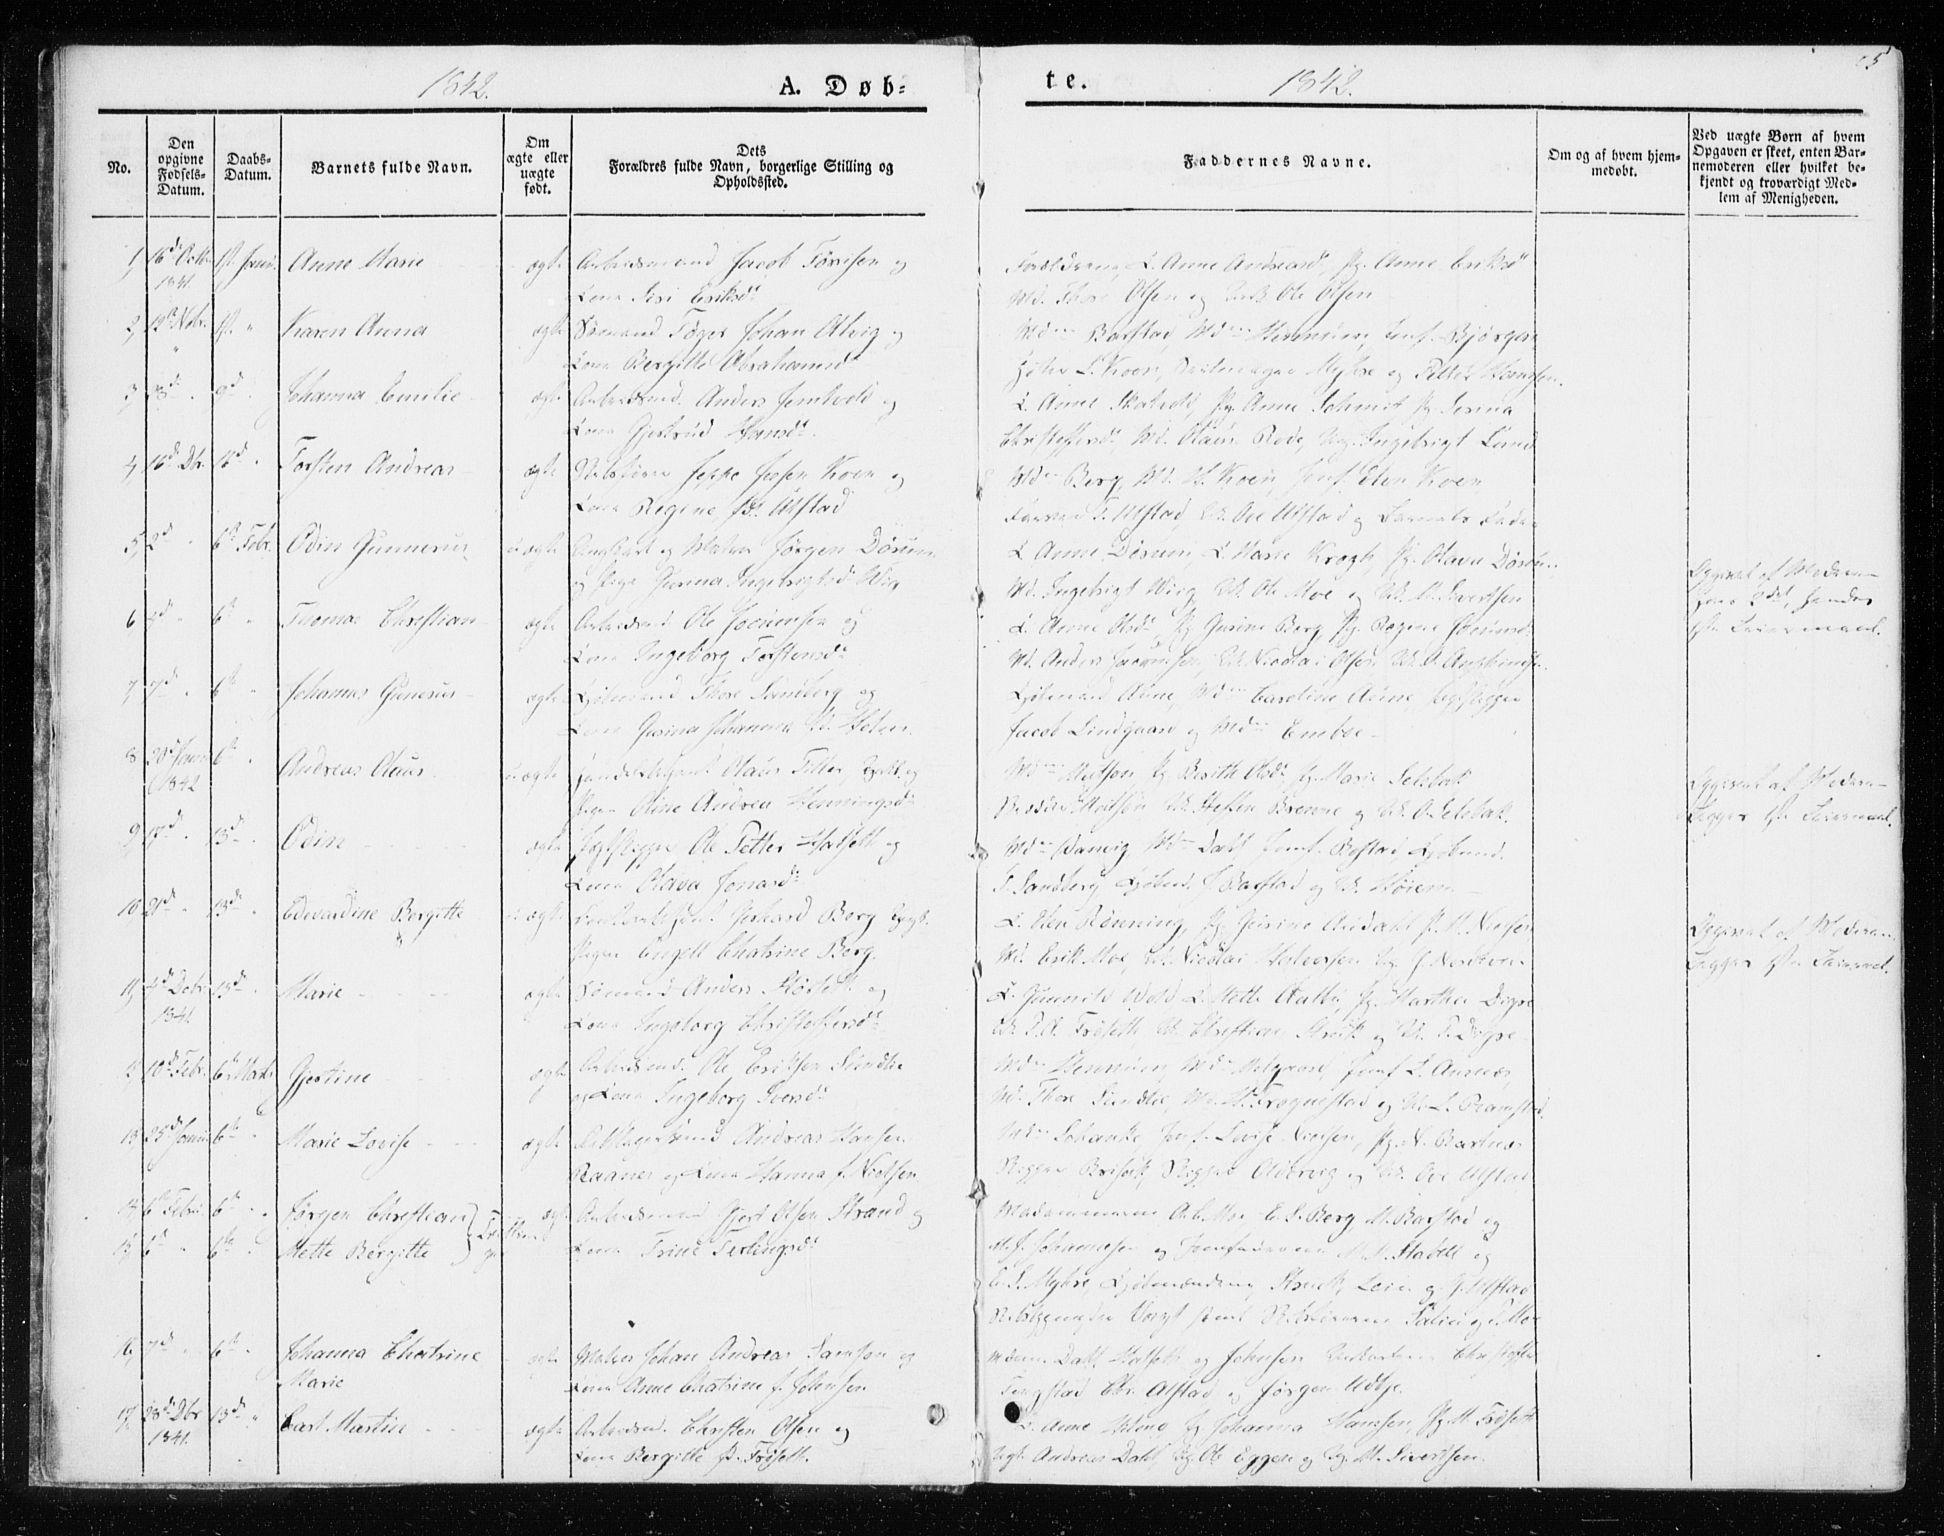 SAT, Ministerialprotokoller, klokkerbøker og fødselsregistre - Sør-Trøndelag, 604/L0183: Ministerialbok nr. 604A04, 1841-1850, s. 5